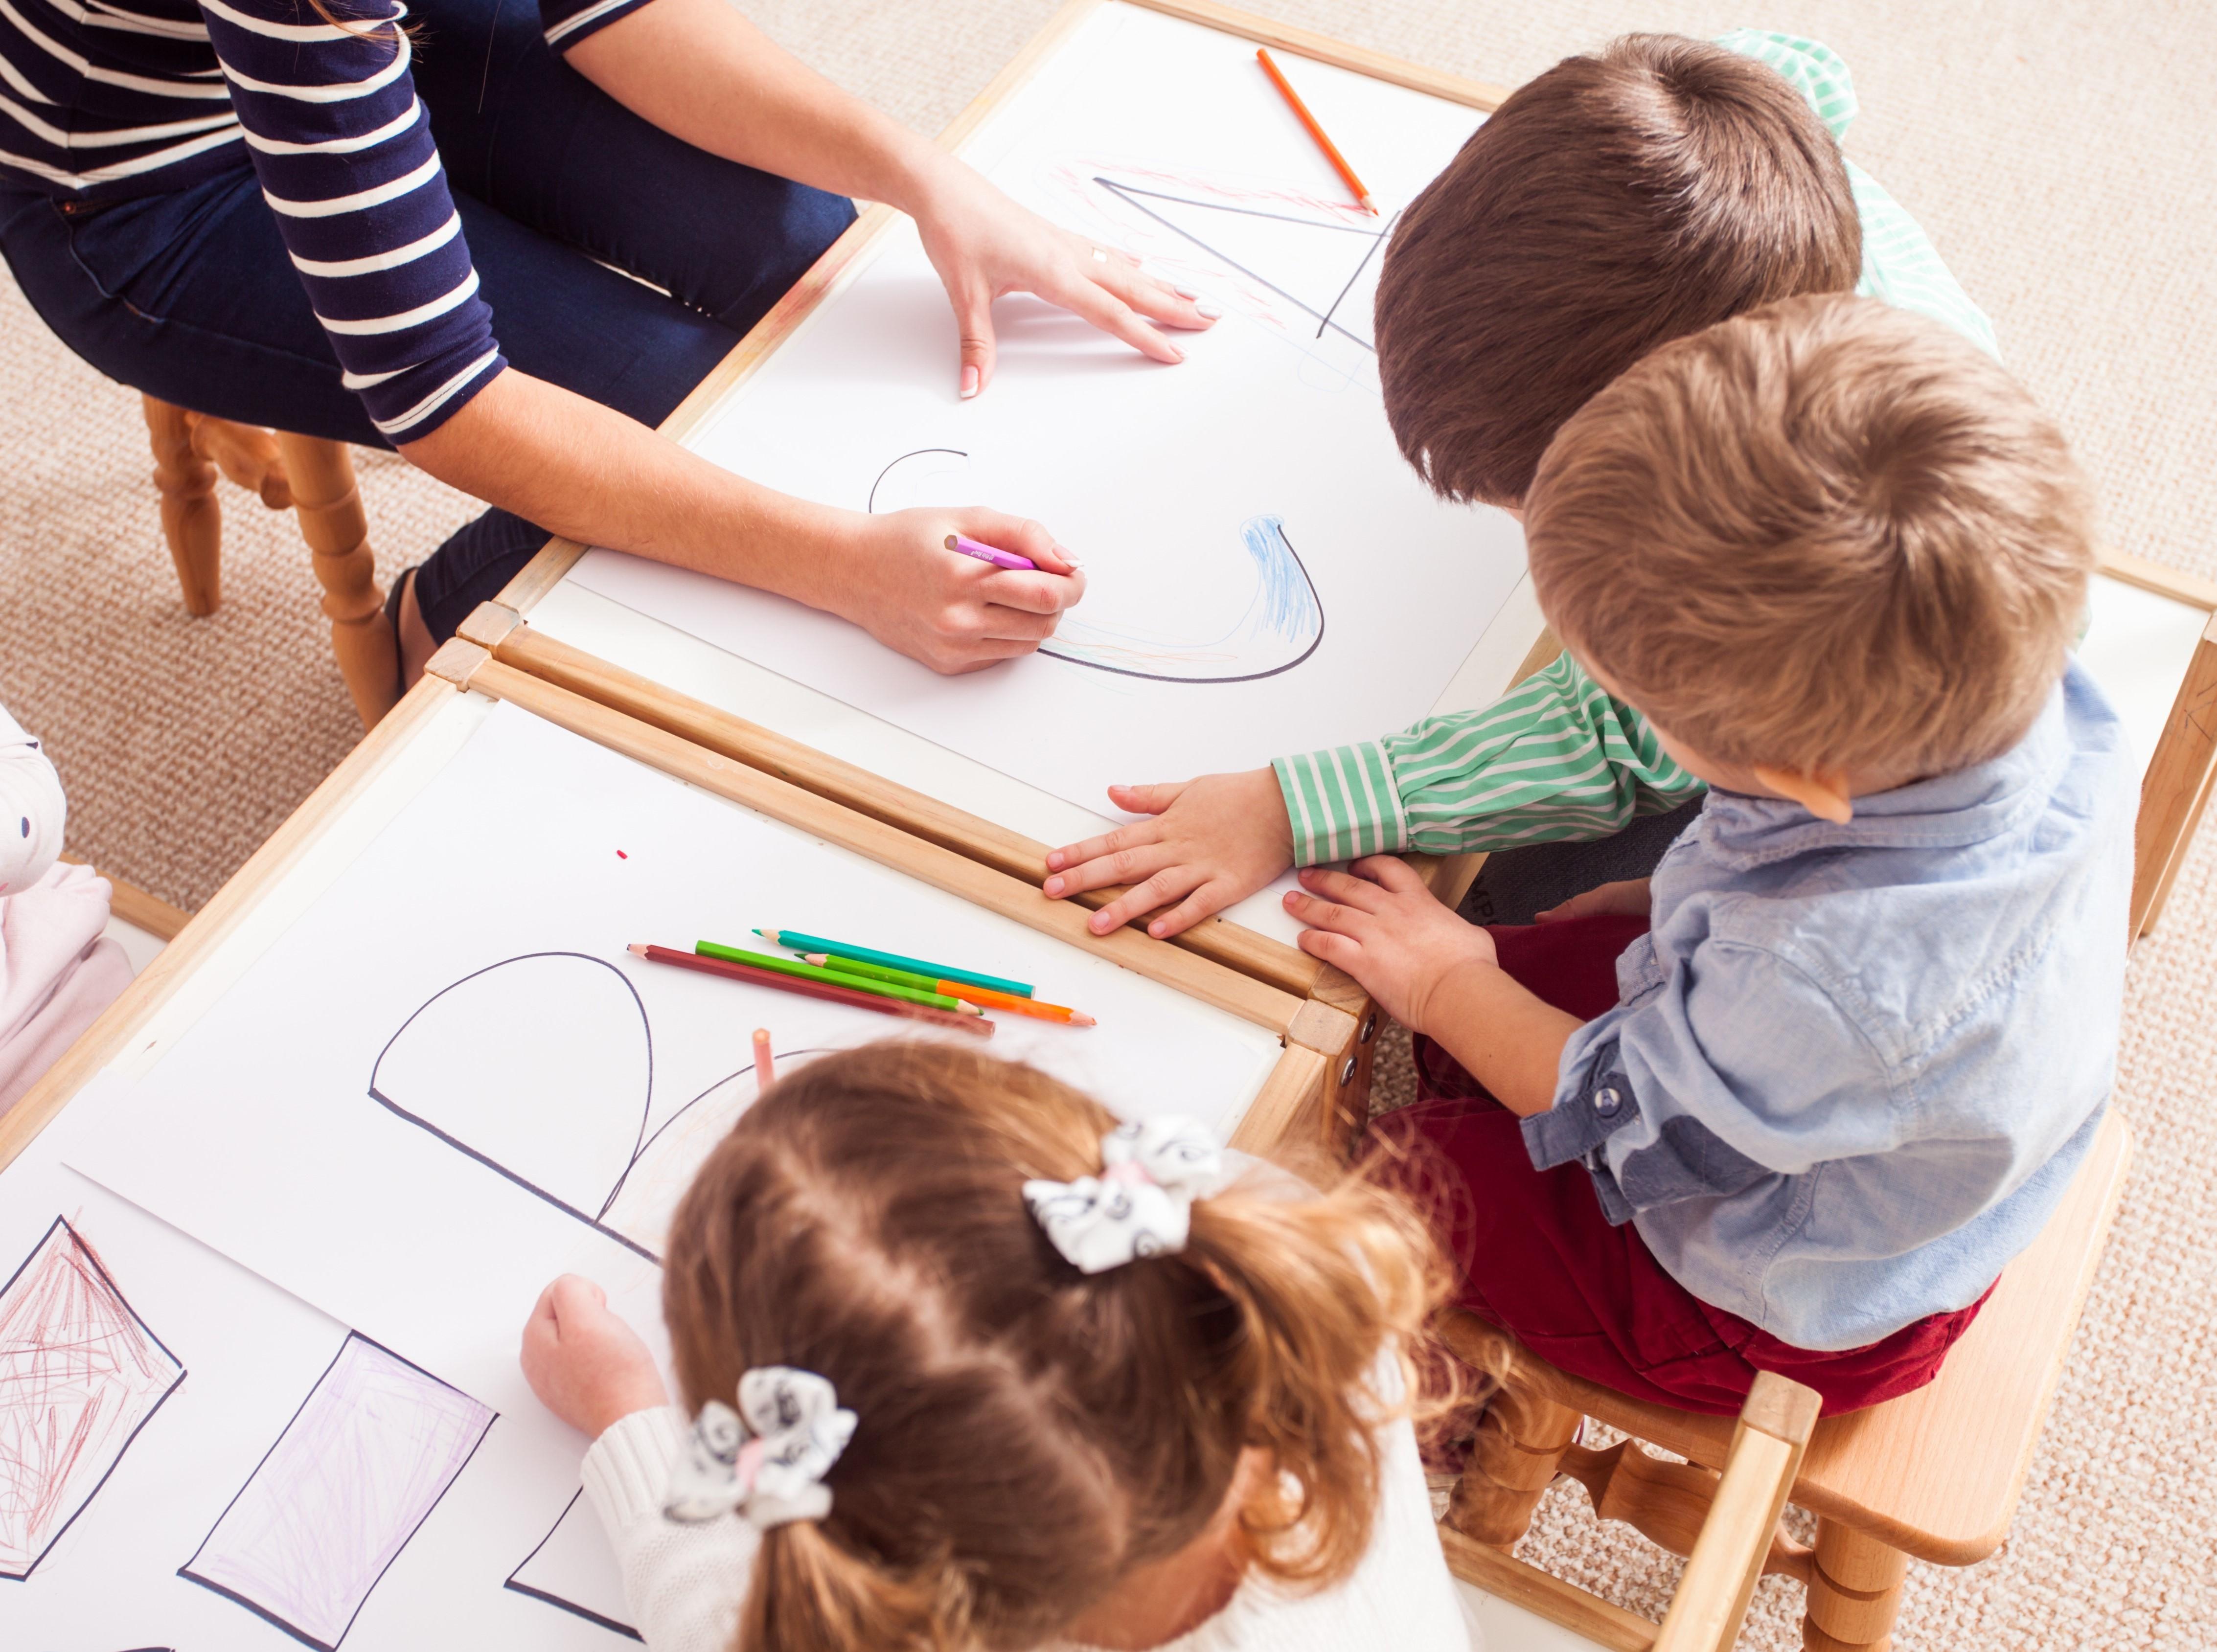 Konzentration spielerisch aufrechterhalten bei Kindern